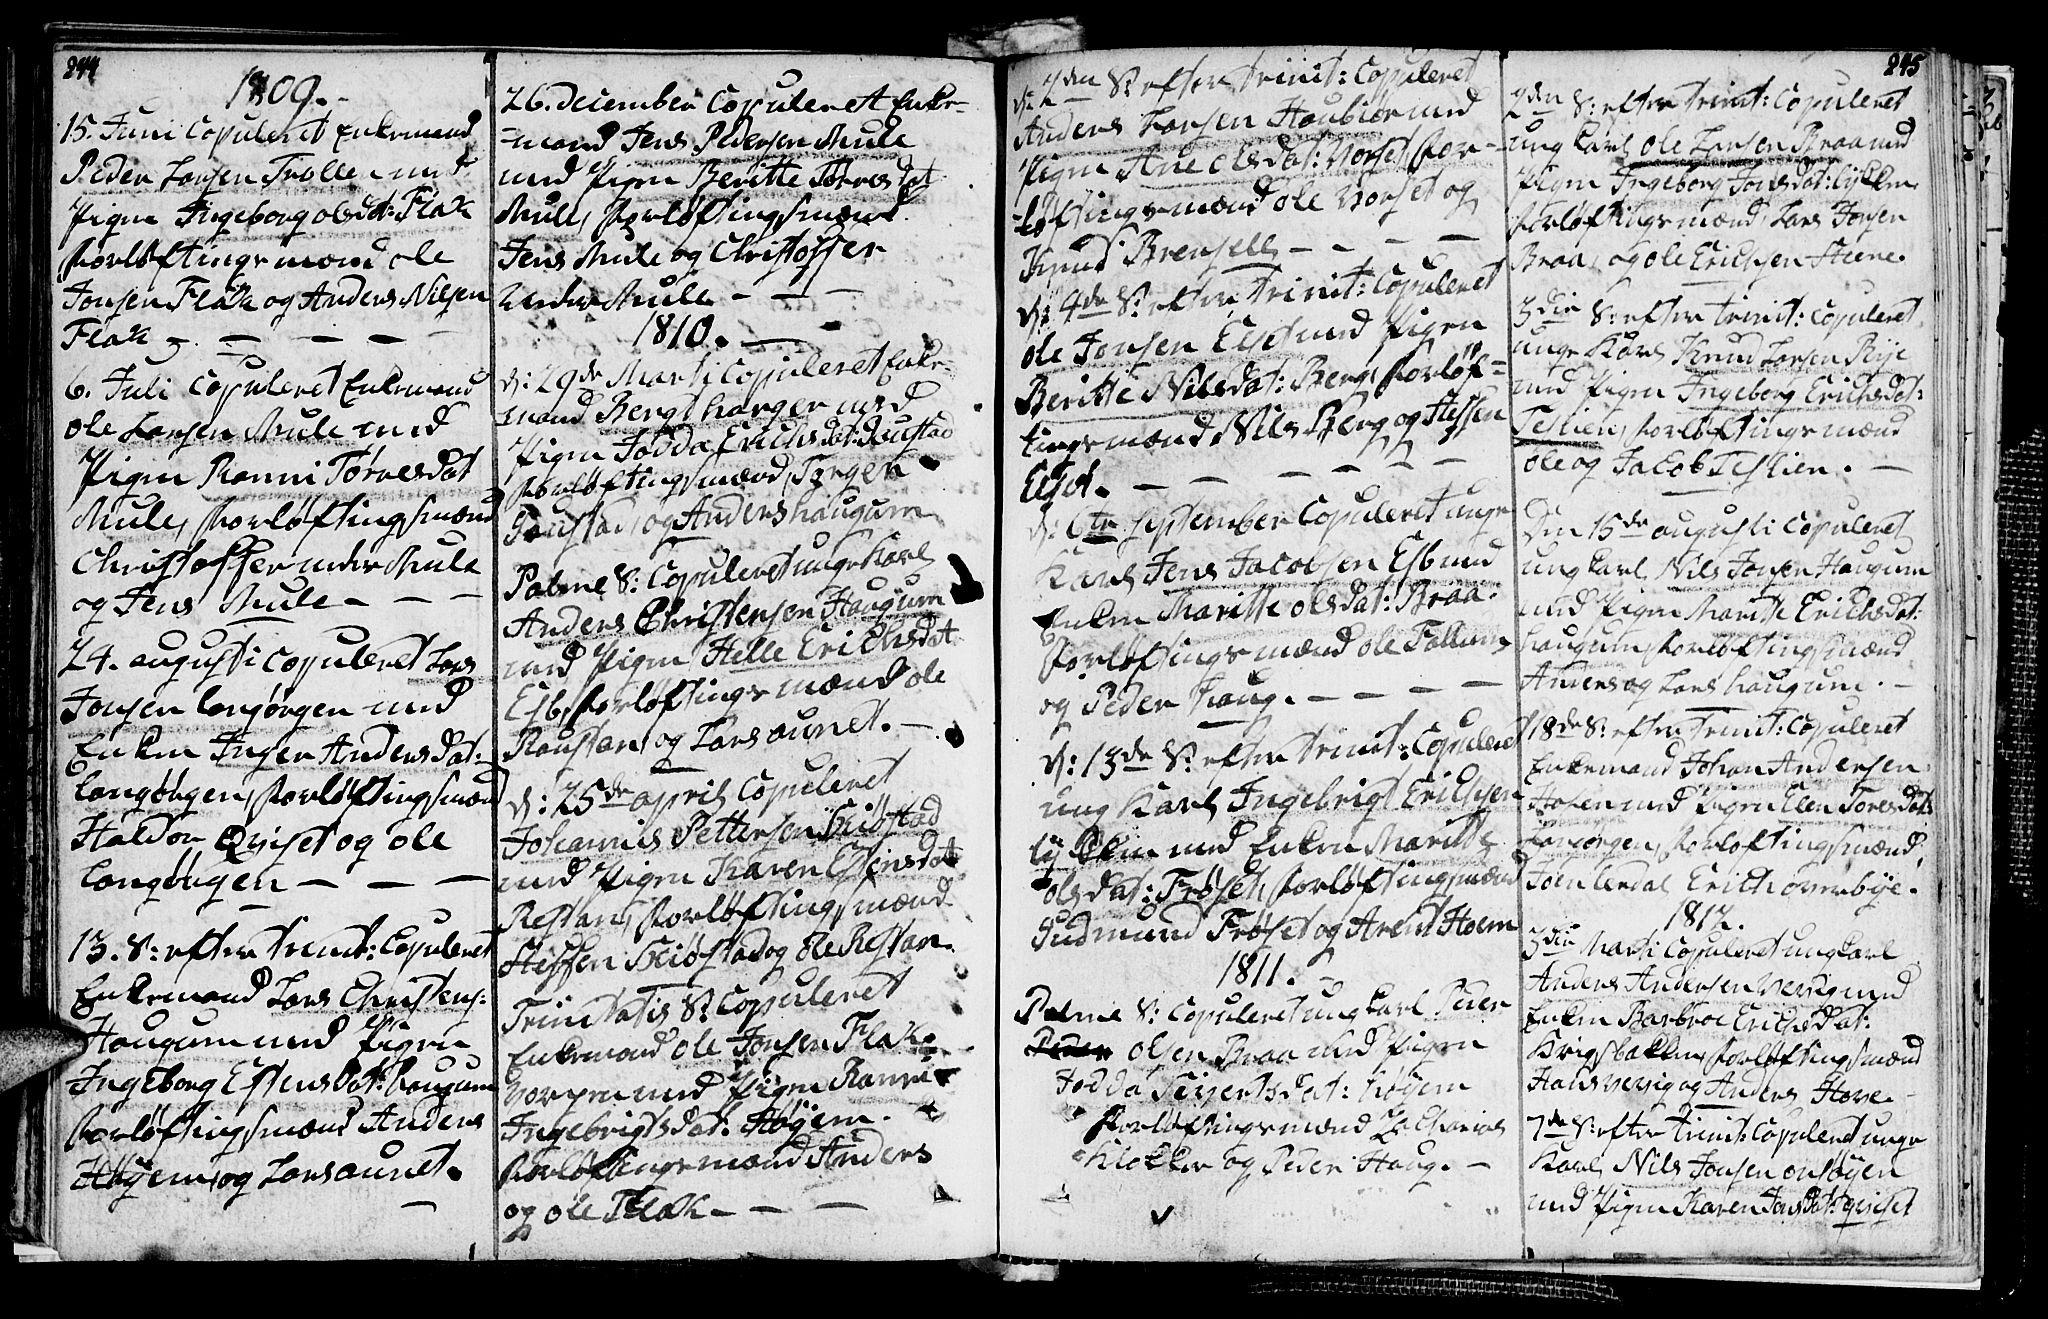 SAT, Ministerialprotokoller, klokkerbøker og fødselsregistre - Sør-Trøndelag, 612/L0371: Ministerialbok nr. 612A05, 1803-1816, s. 244-245